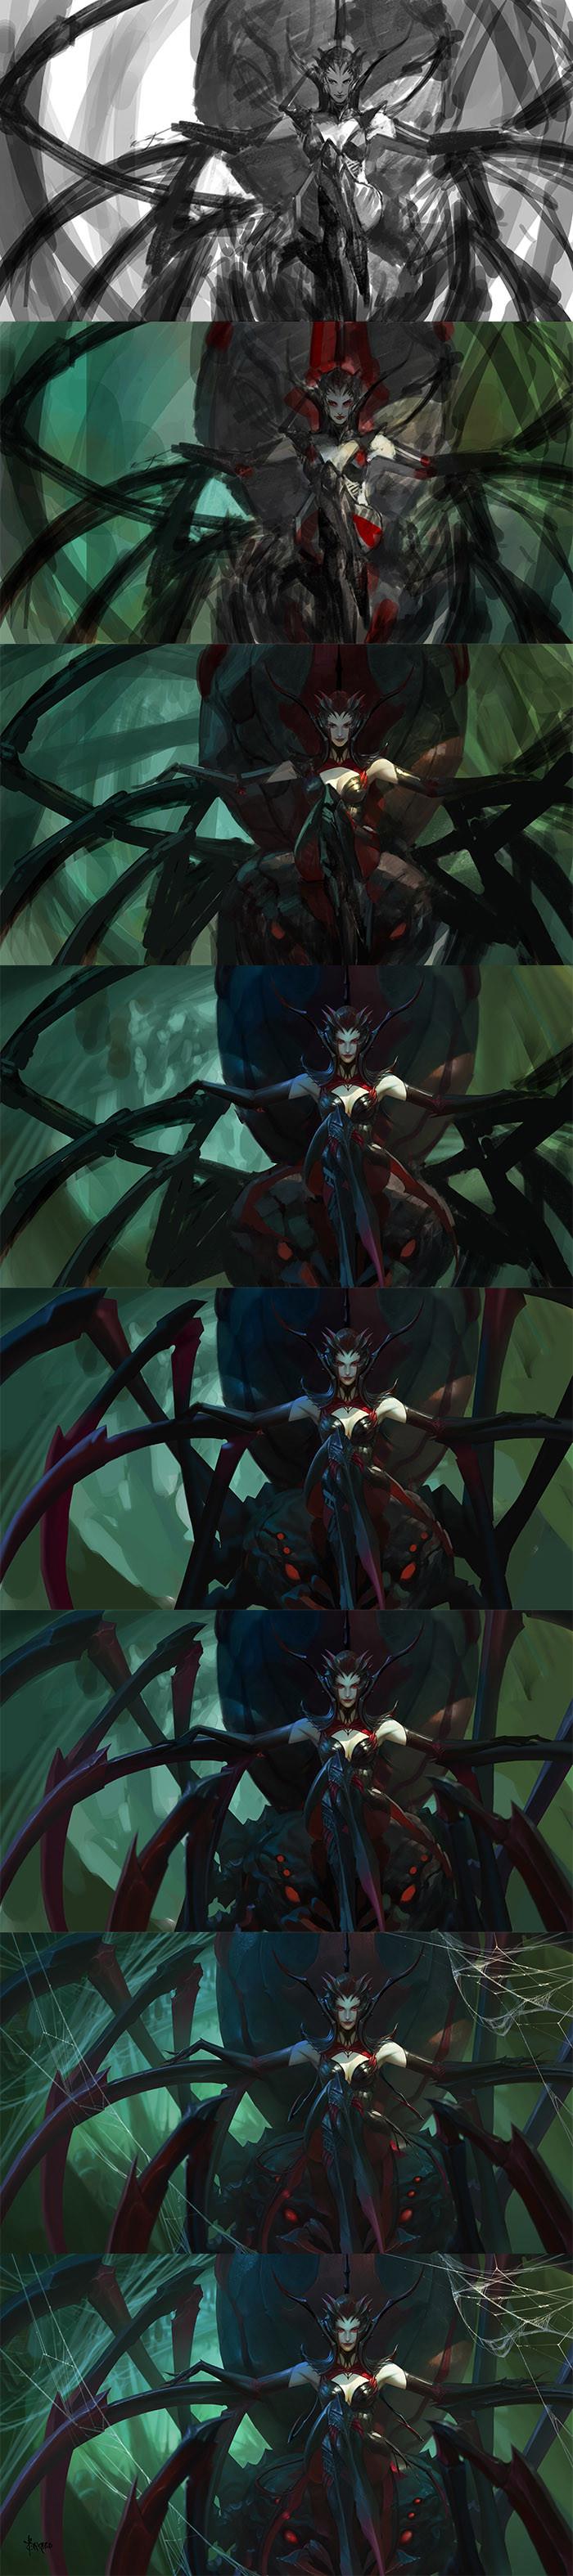 Bayard wu spider queen qqq